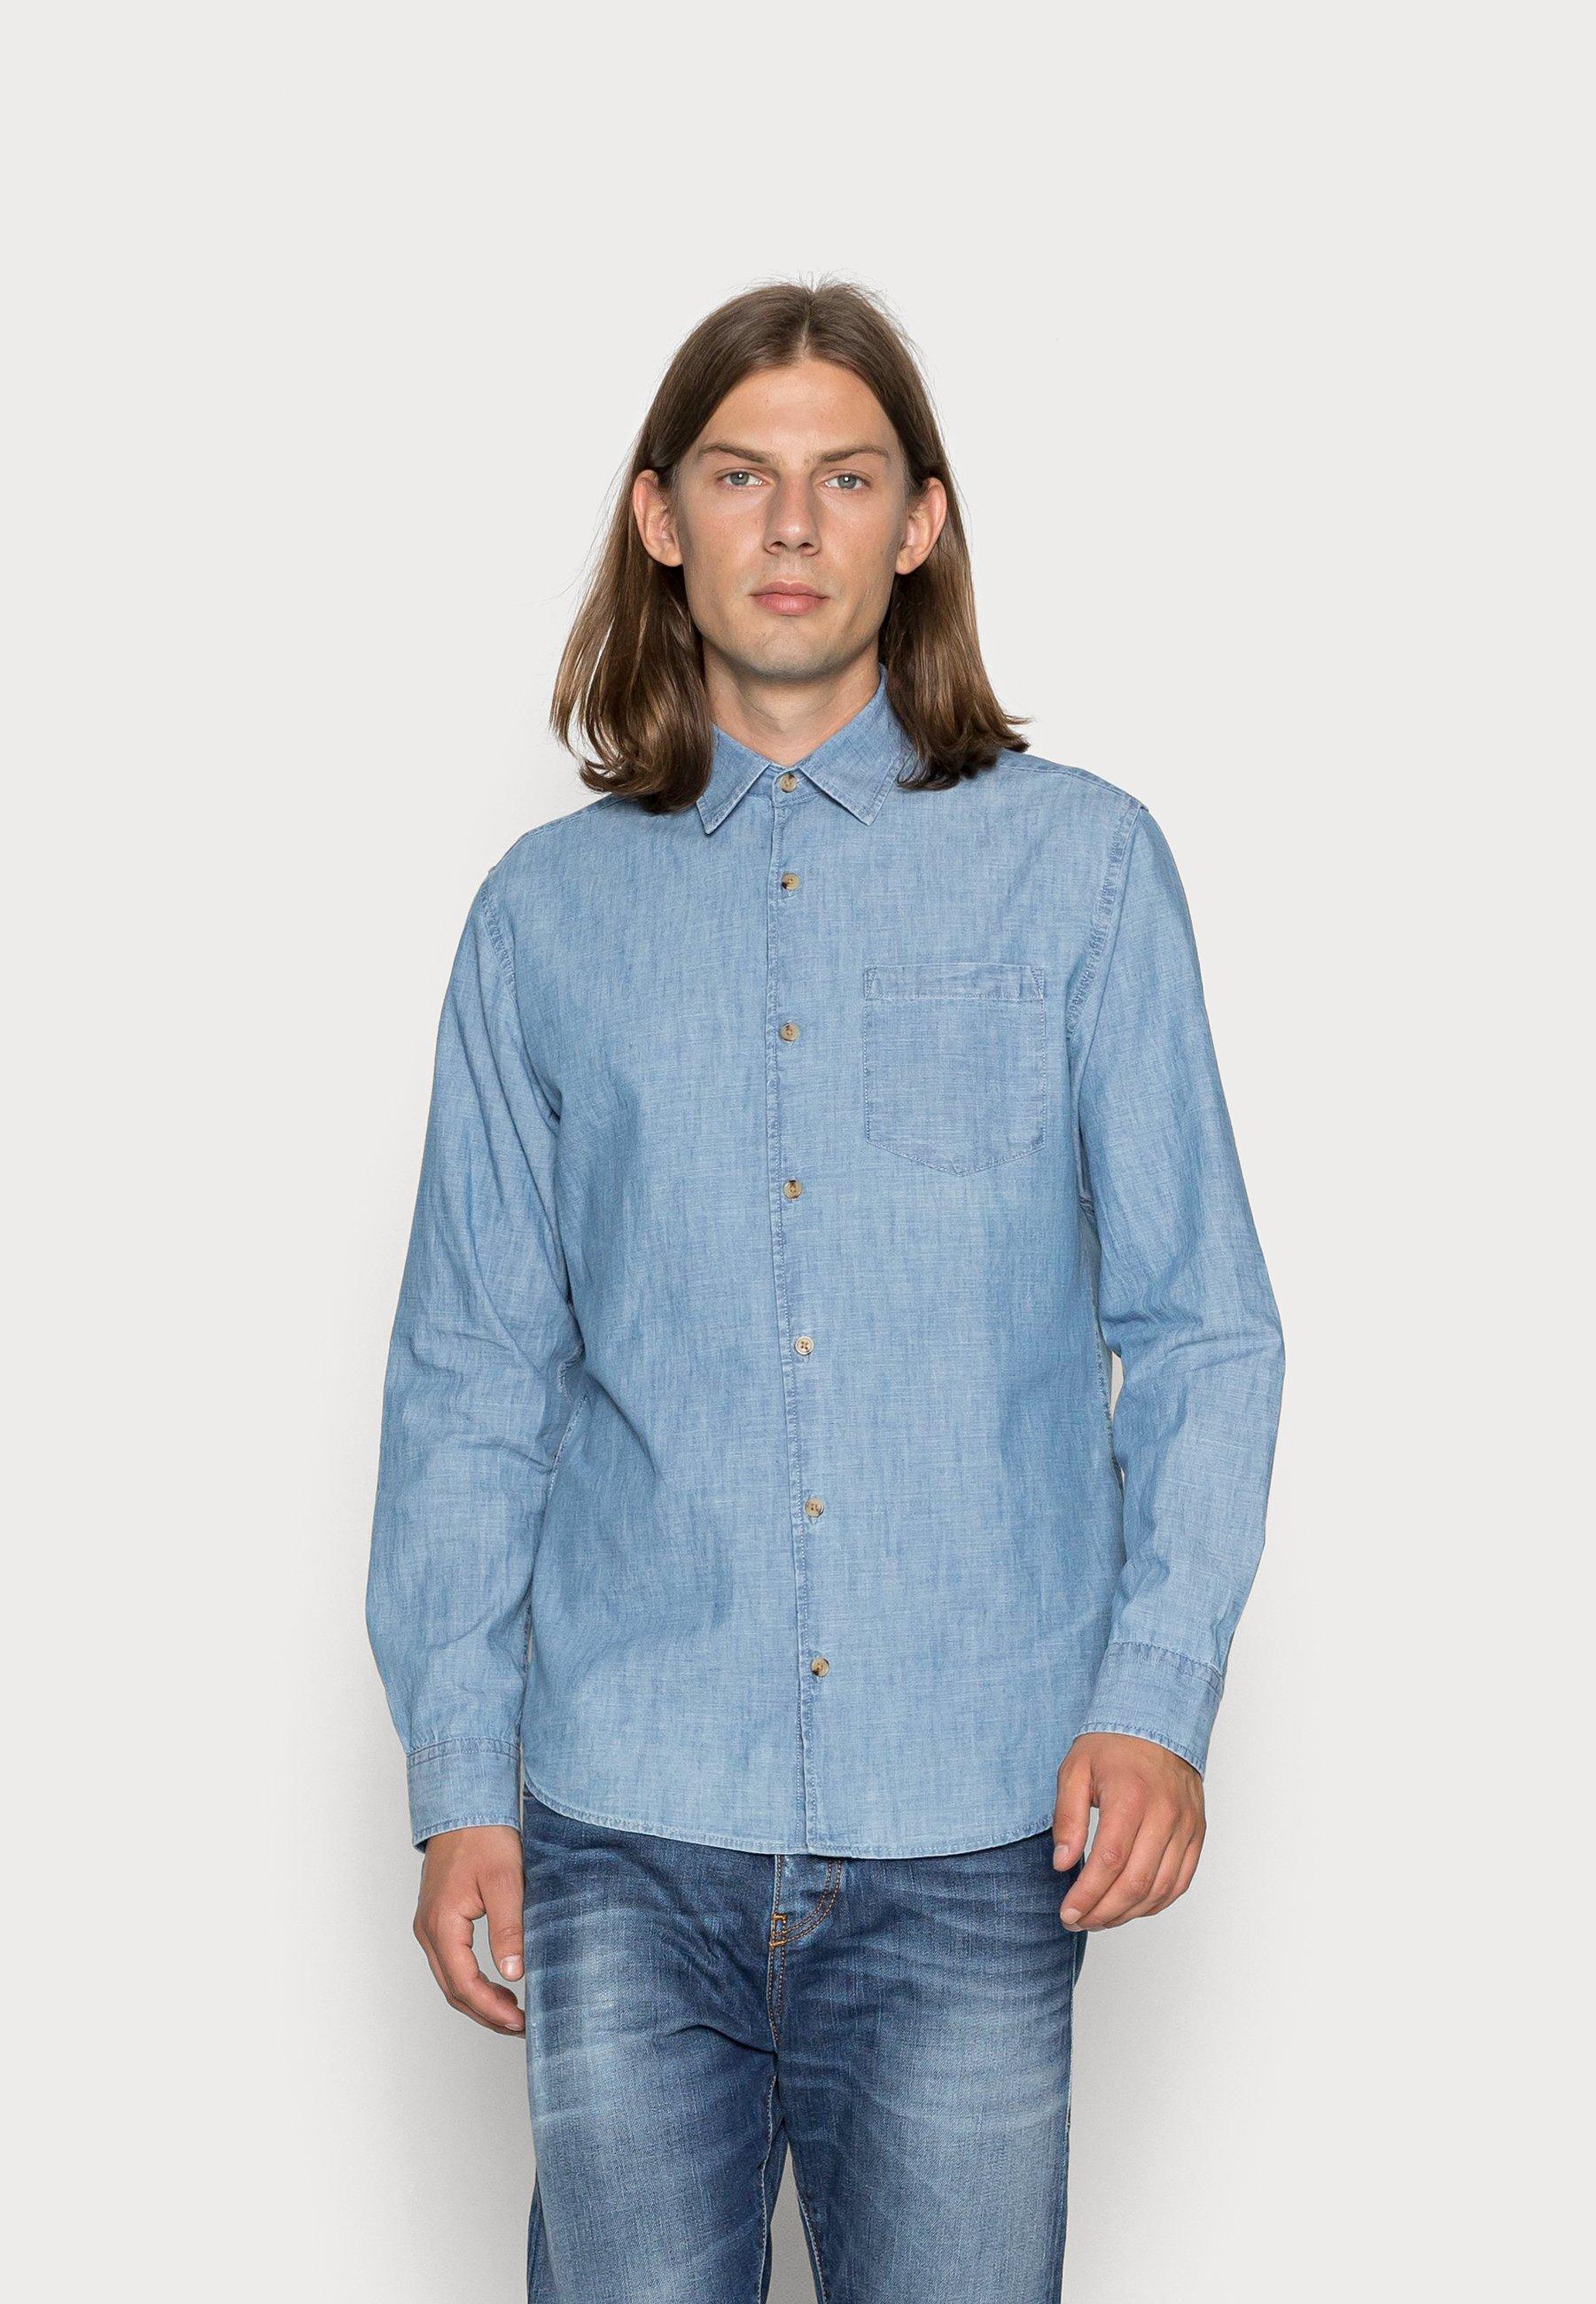 Herren JJKENDRICK CHAMBRAY - Hemd